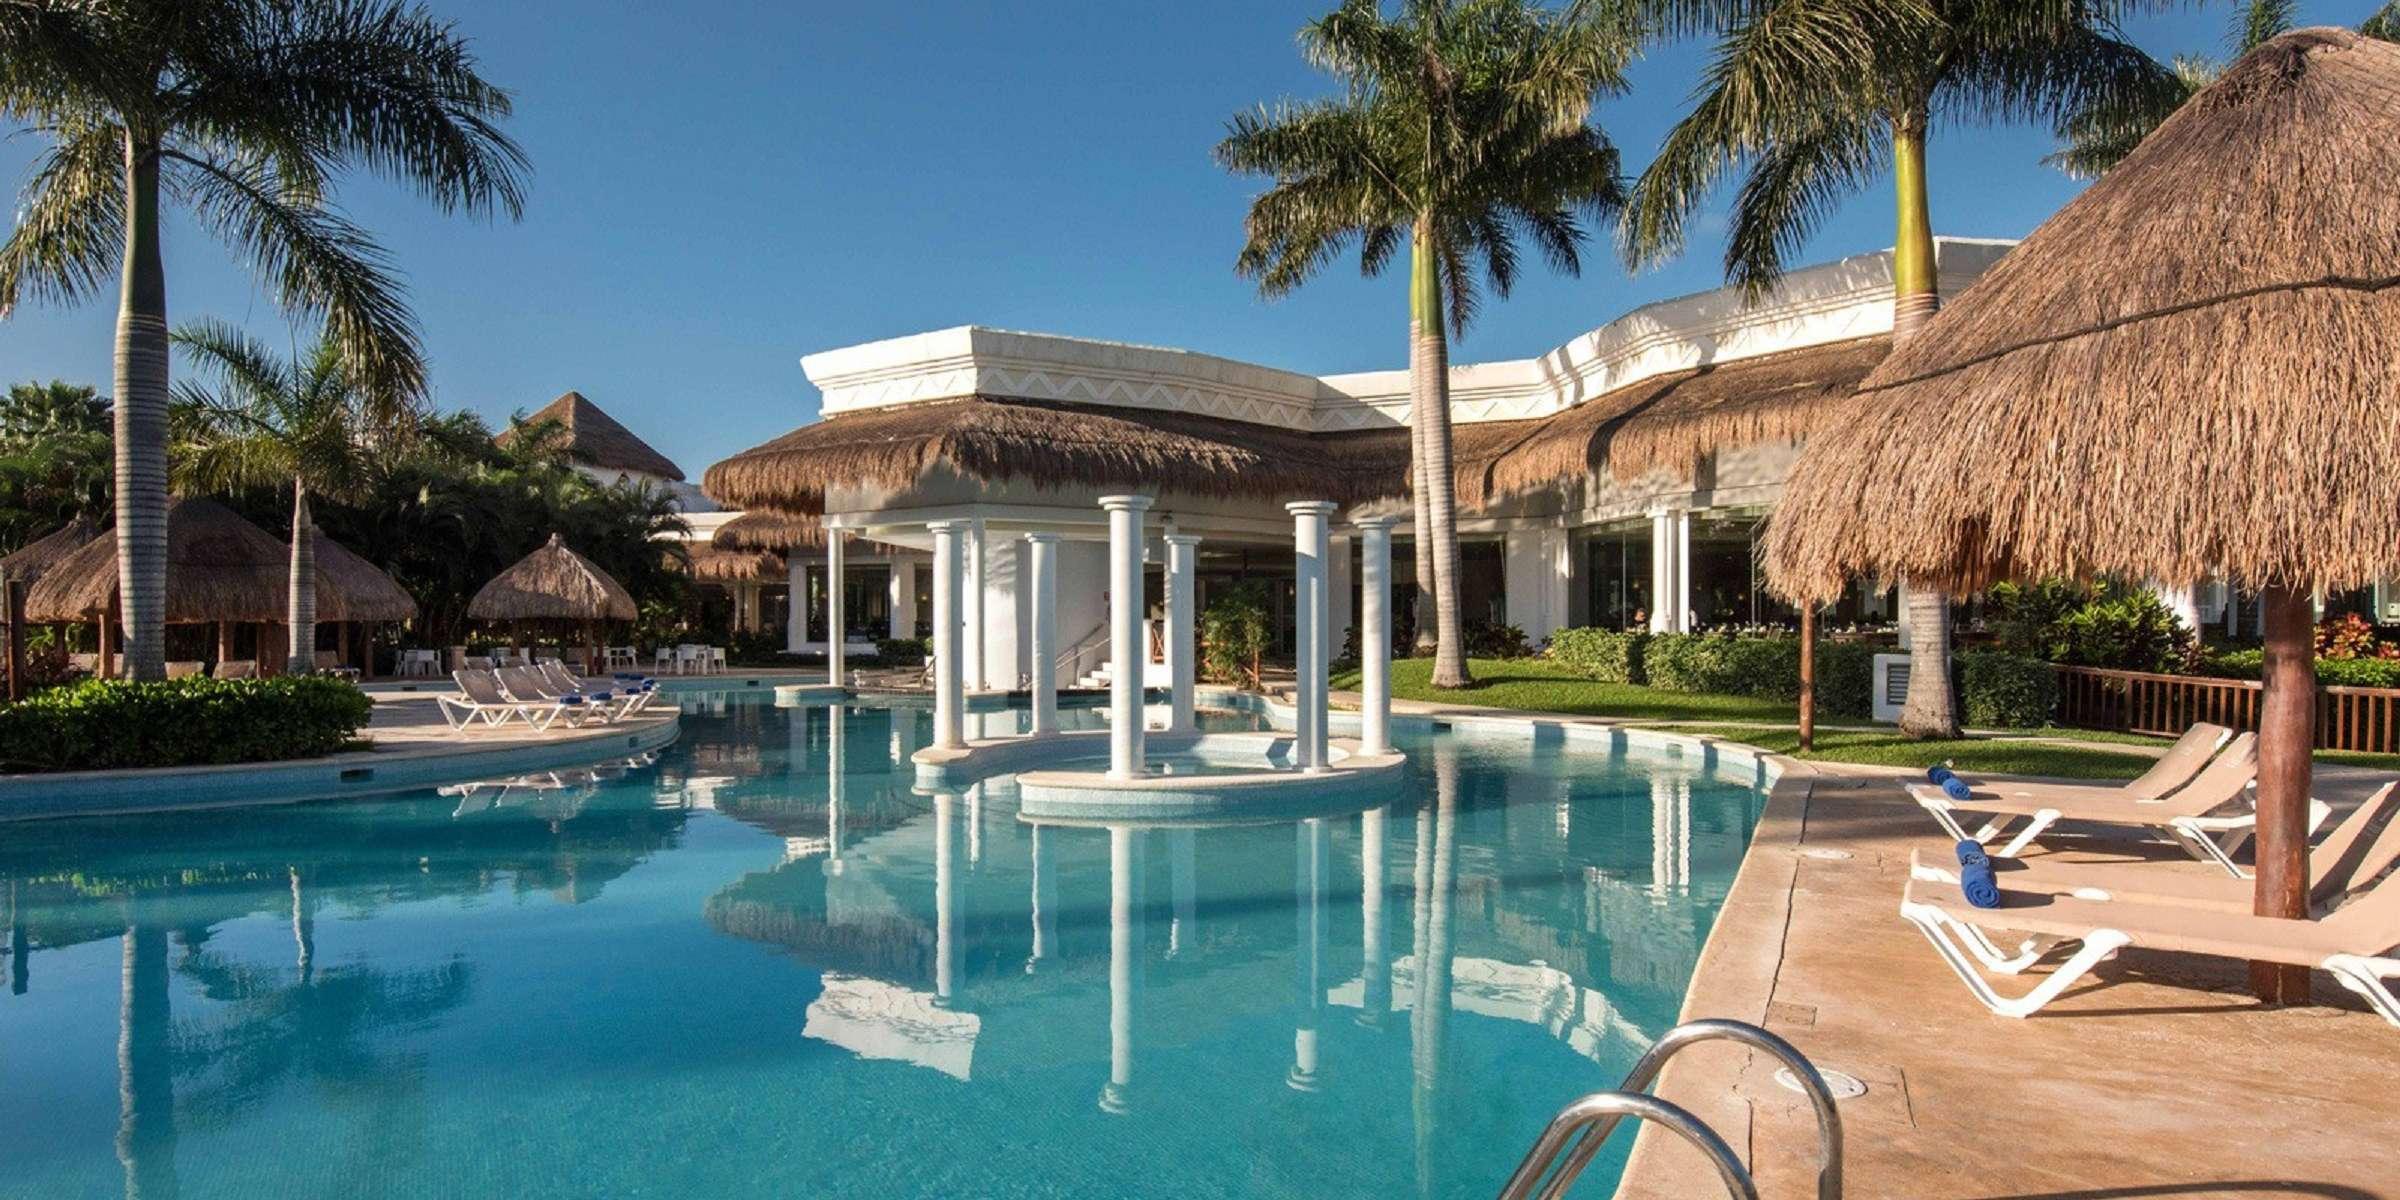 All Inclusive Playa Del Carmen Resort Grand Sunset Princess